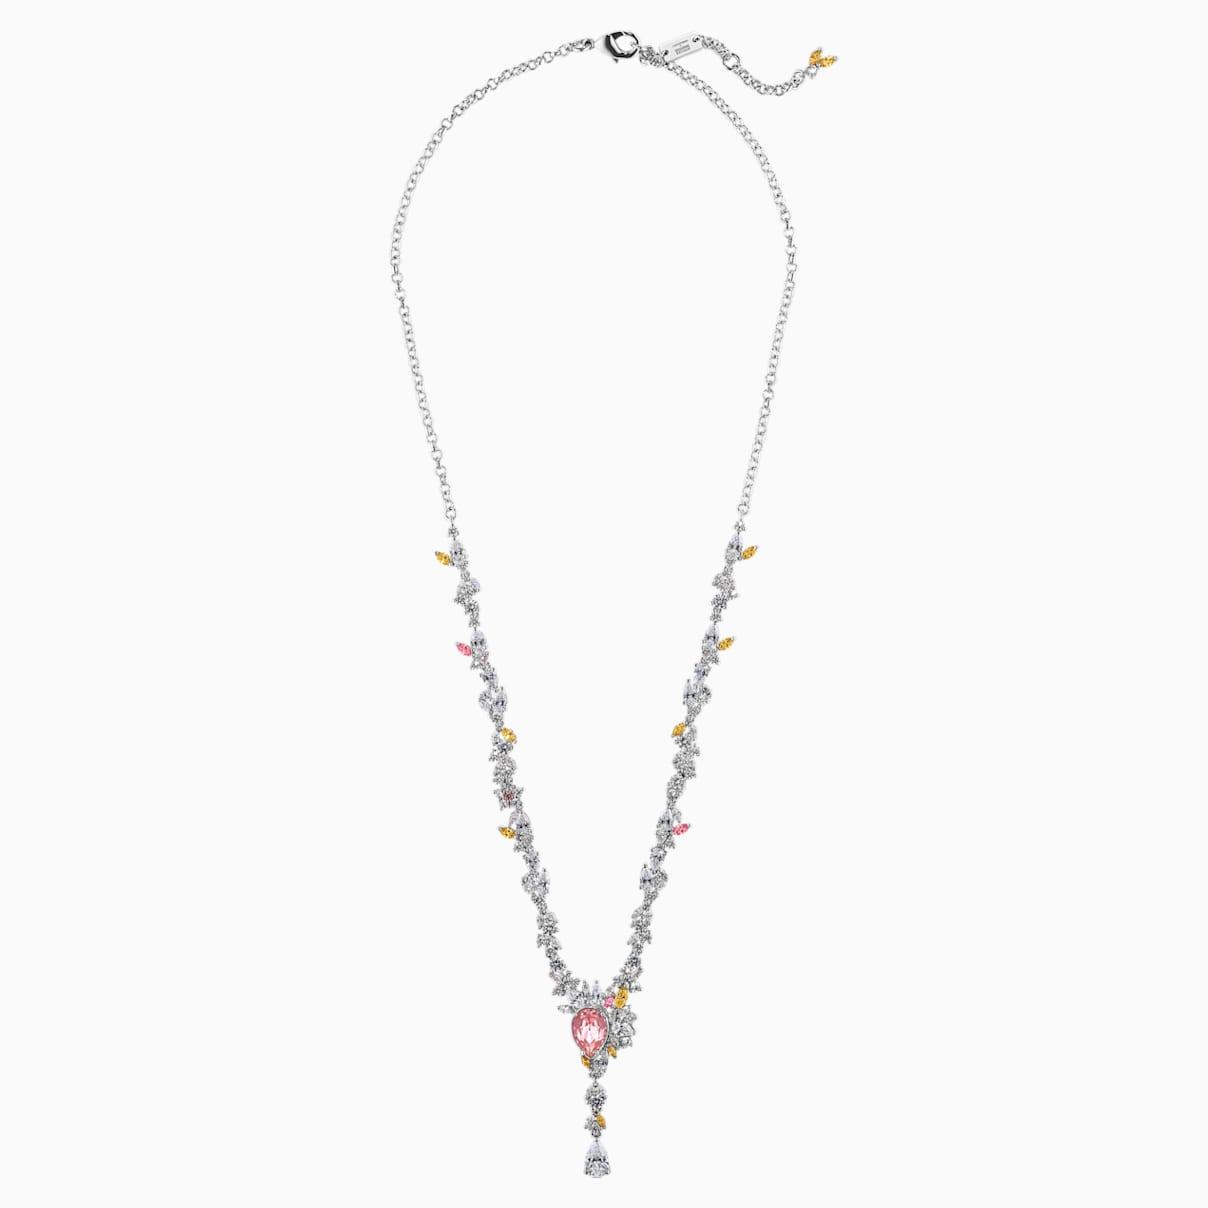 Botanical Halskette, mehrfarbig hell, rhodiniert